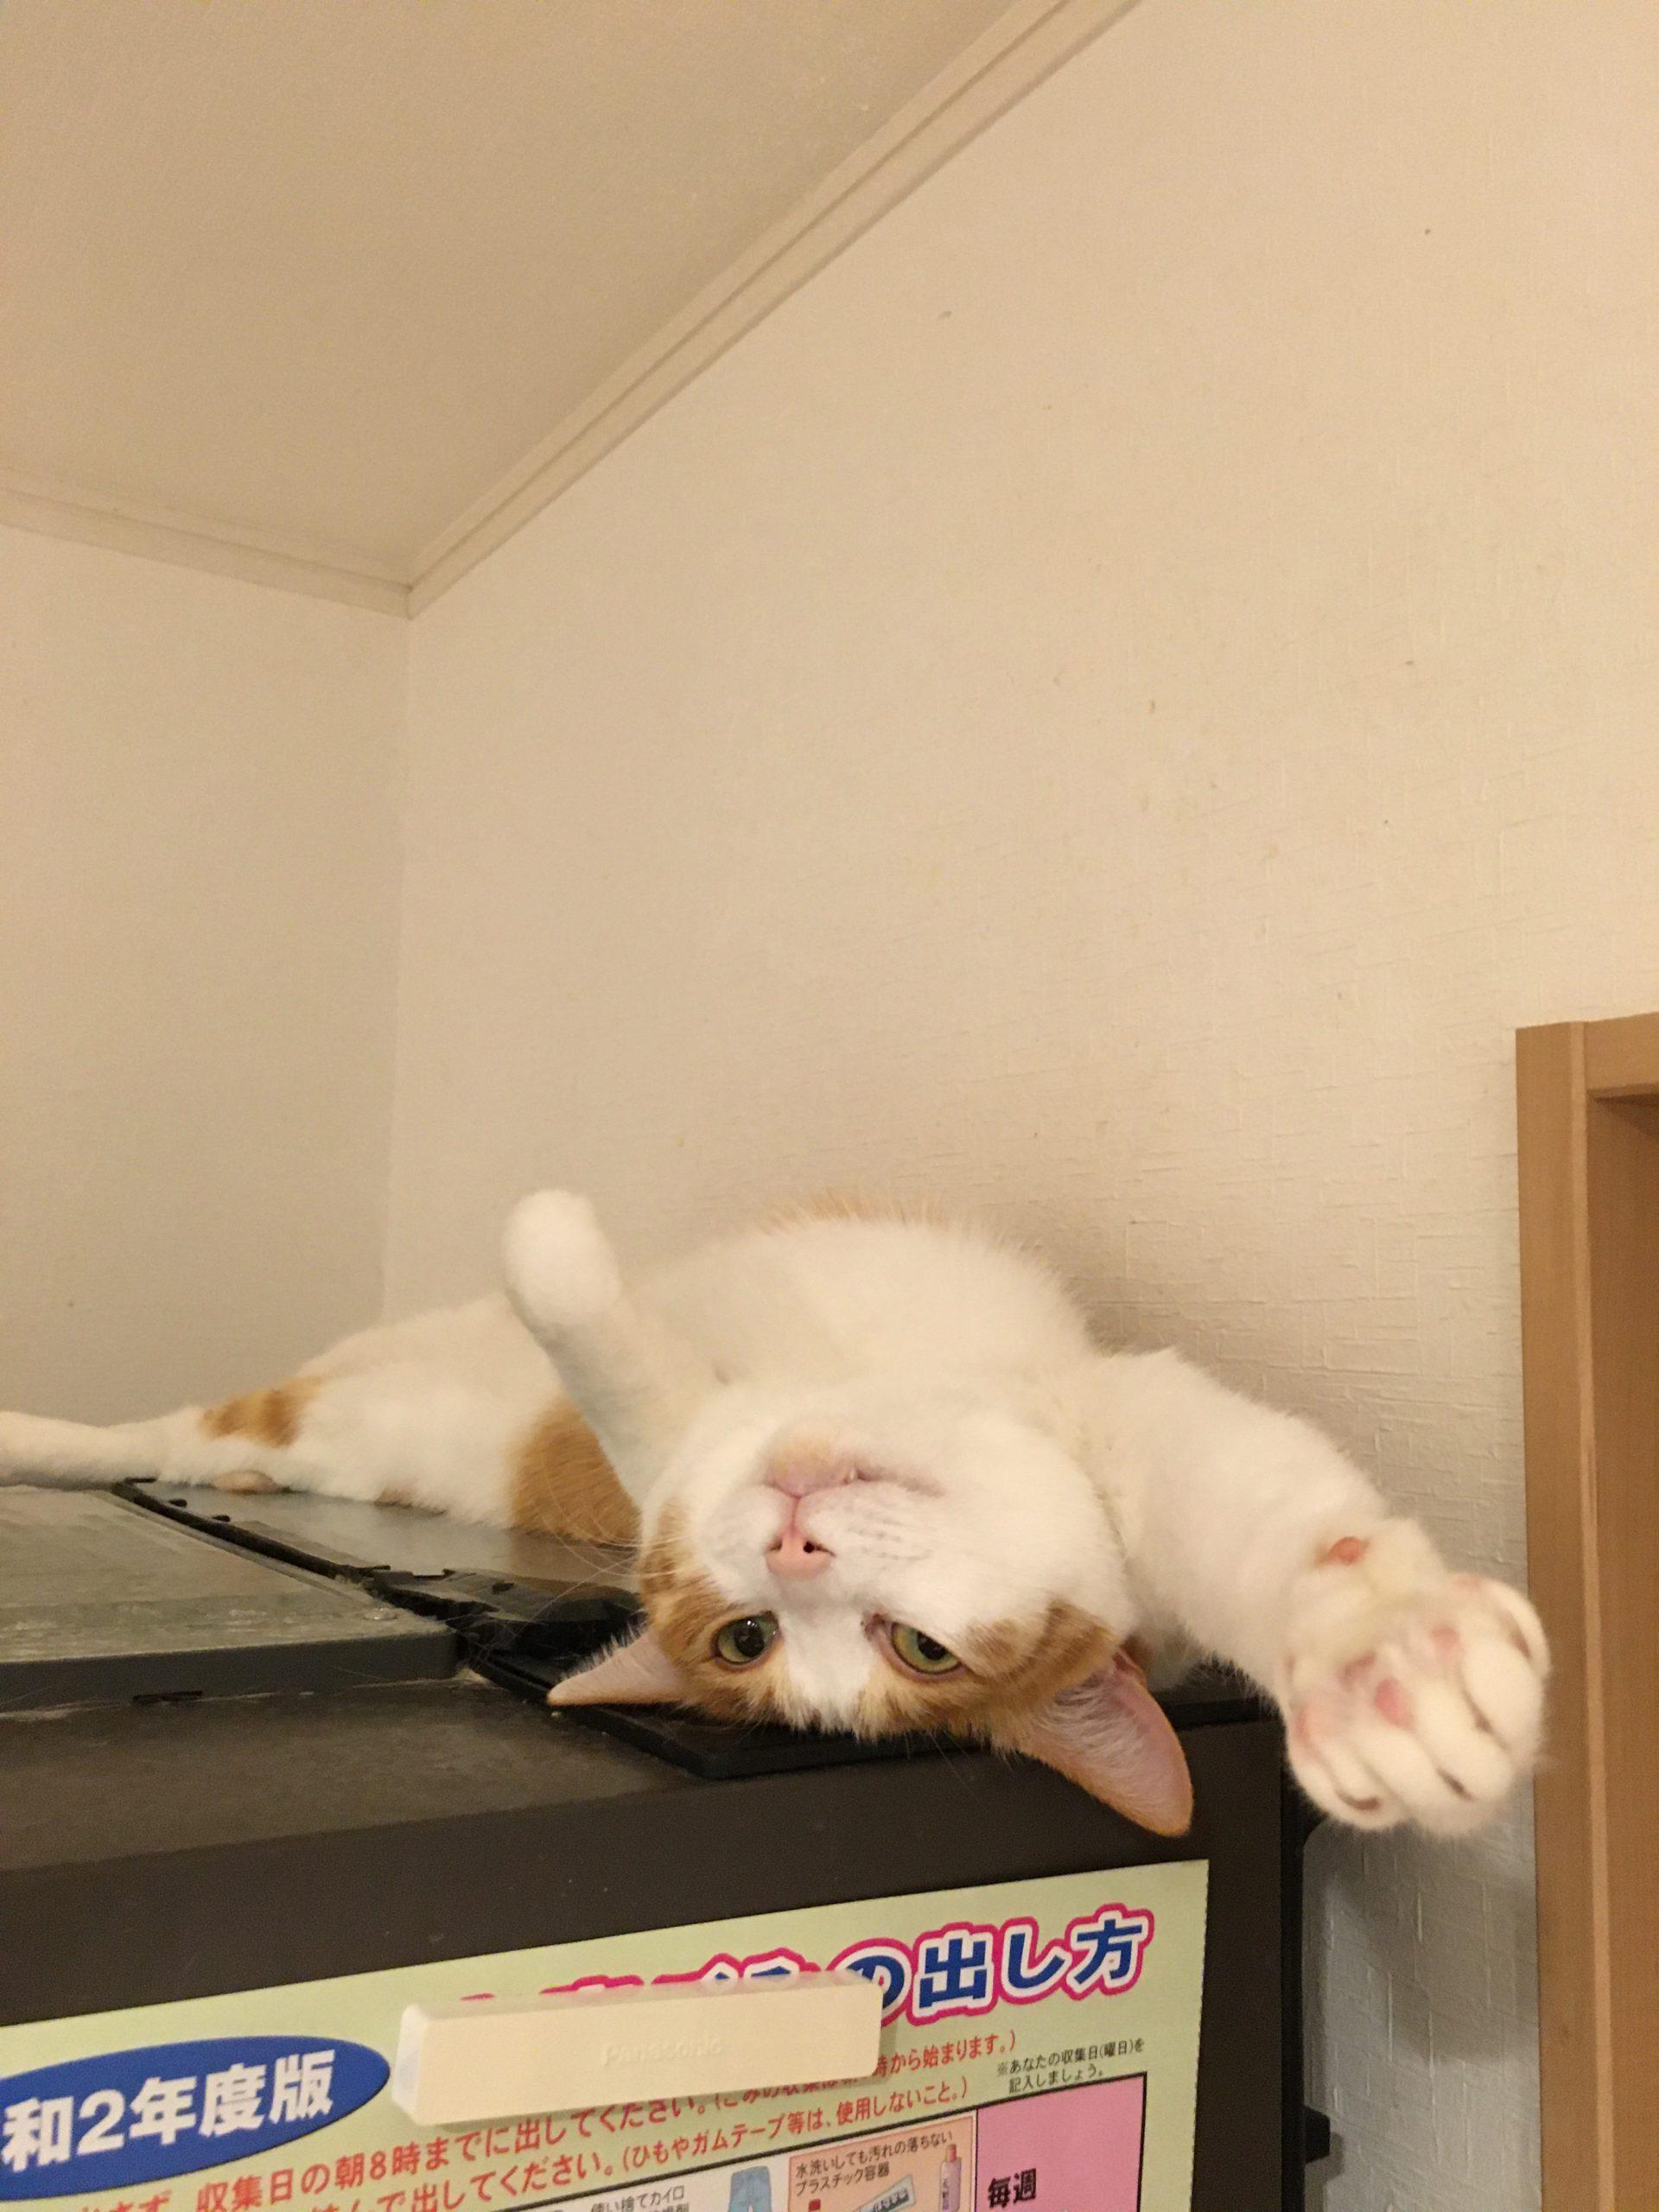 まとめ:我が家の猫が可愛すぎる!